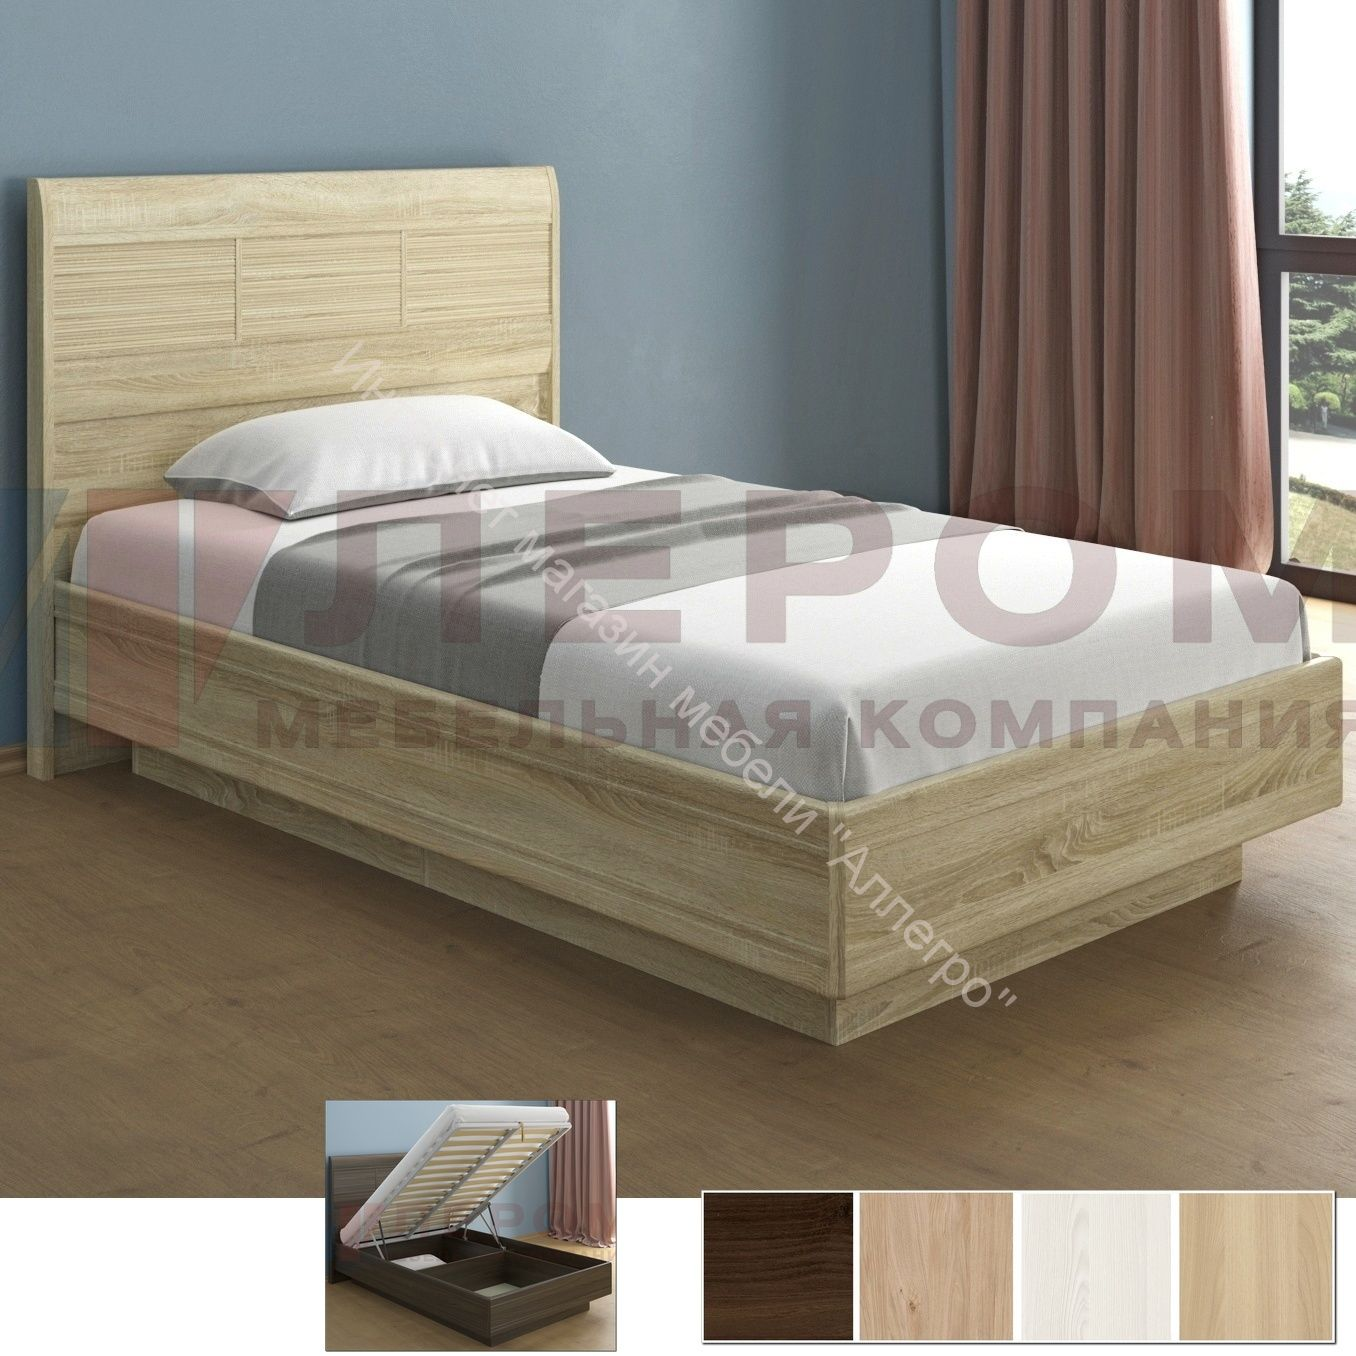 Кровать КР-1802 с П/мех. (1,4х2,0) Мелисса